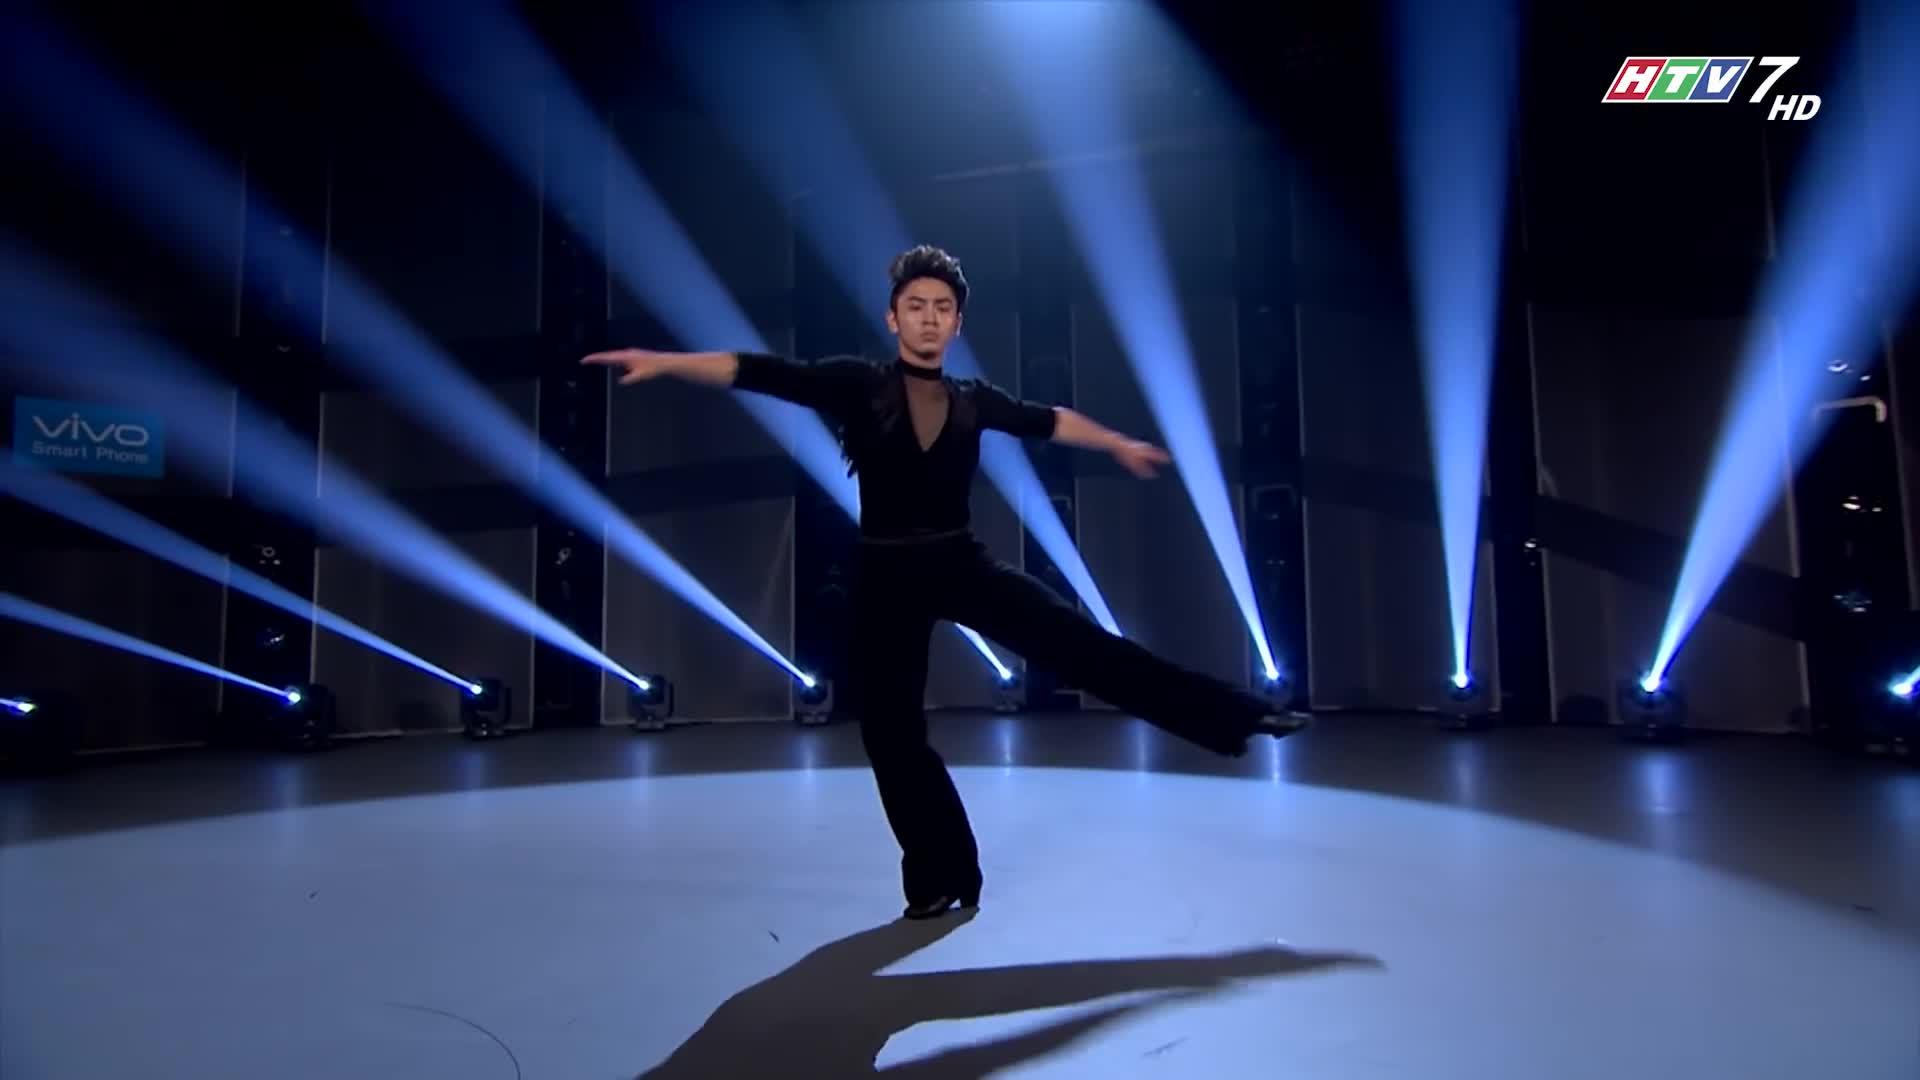 Nhảy tốt thế này, sao hotboy Zero 9 còn đi hát làm chi để bị ném đá? ảnh 4